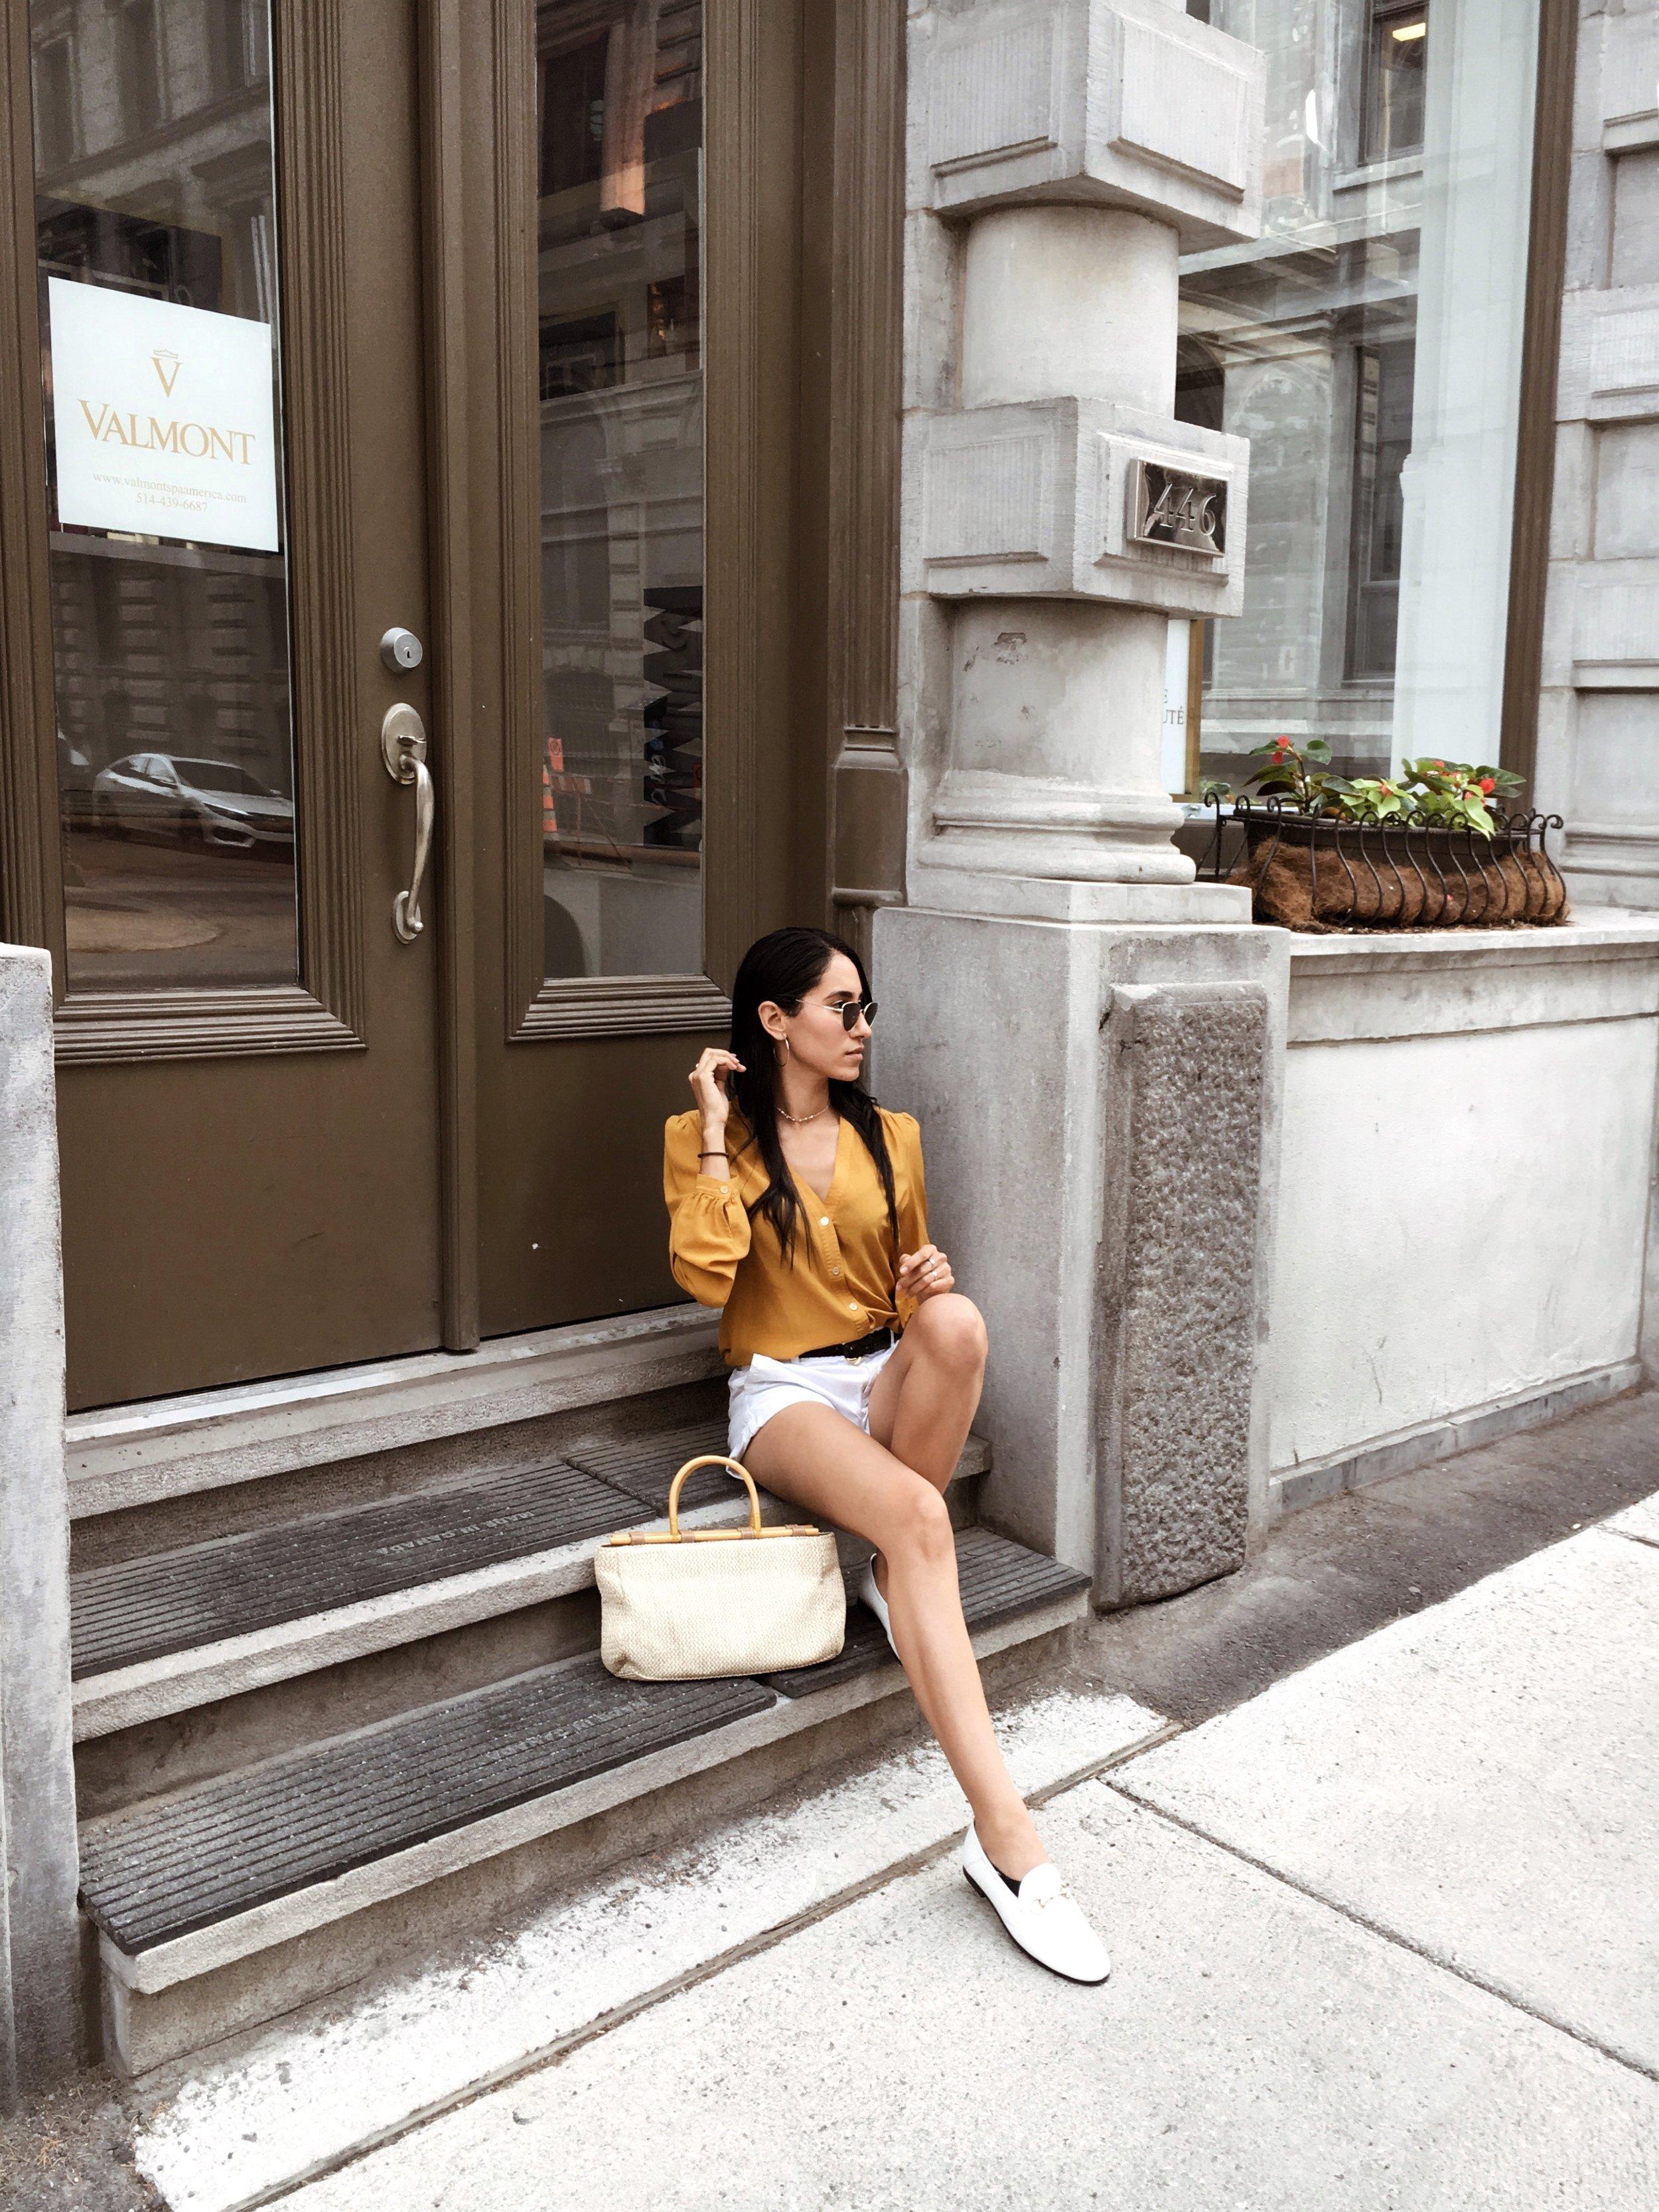 Wearing:  Tory Burch  Top  | Banana Republic  Shorts  | Gucci  Loafers